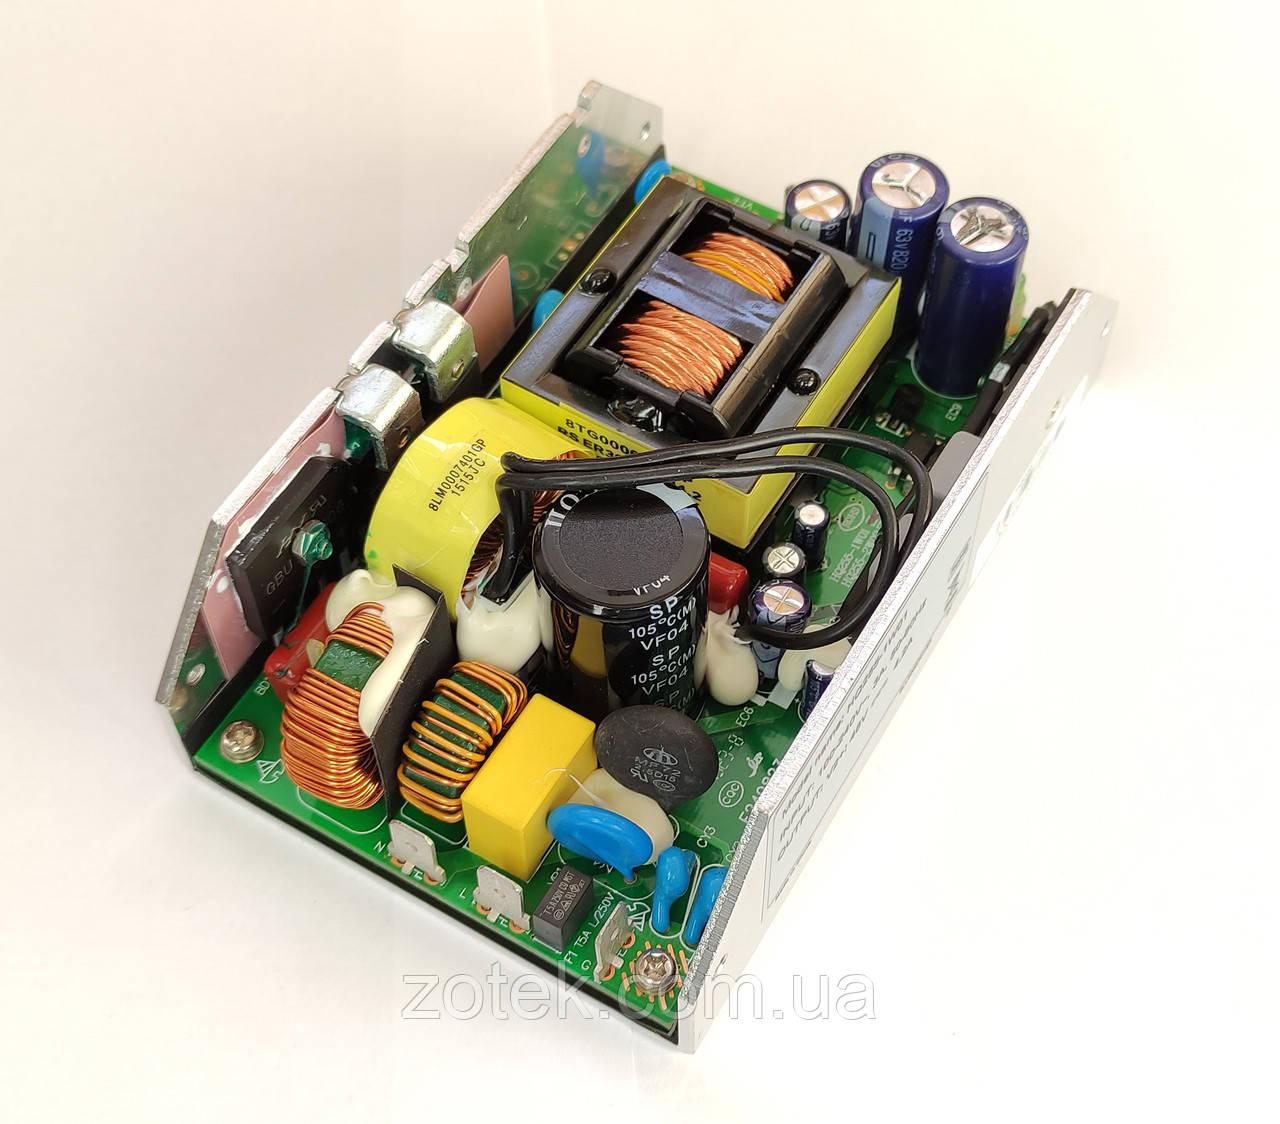 48 4.2 А HQ255-1W01 Блок живлення 220V AC-DC 48V 4.2 A